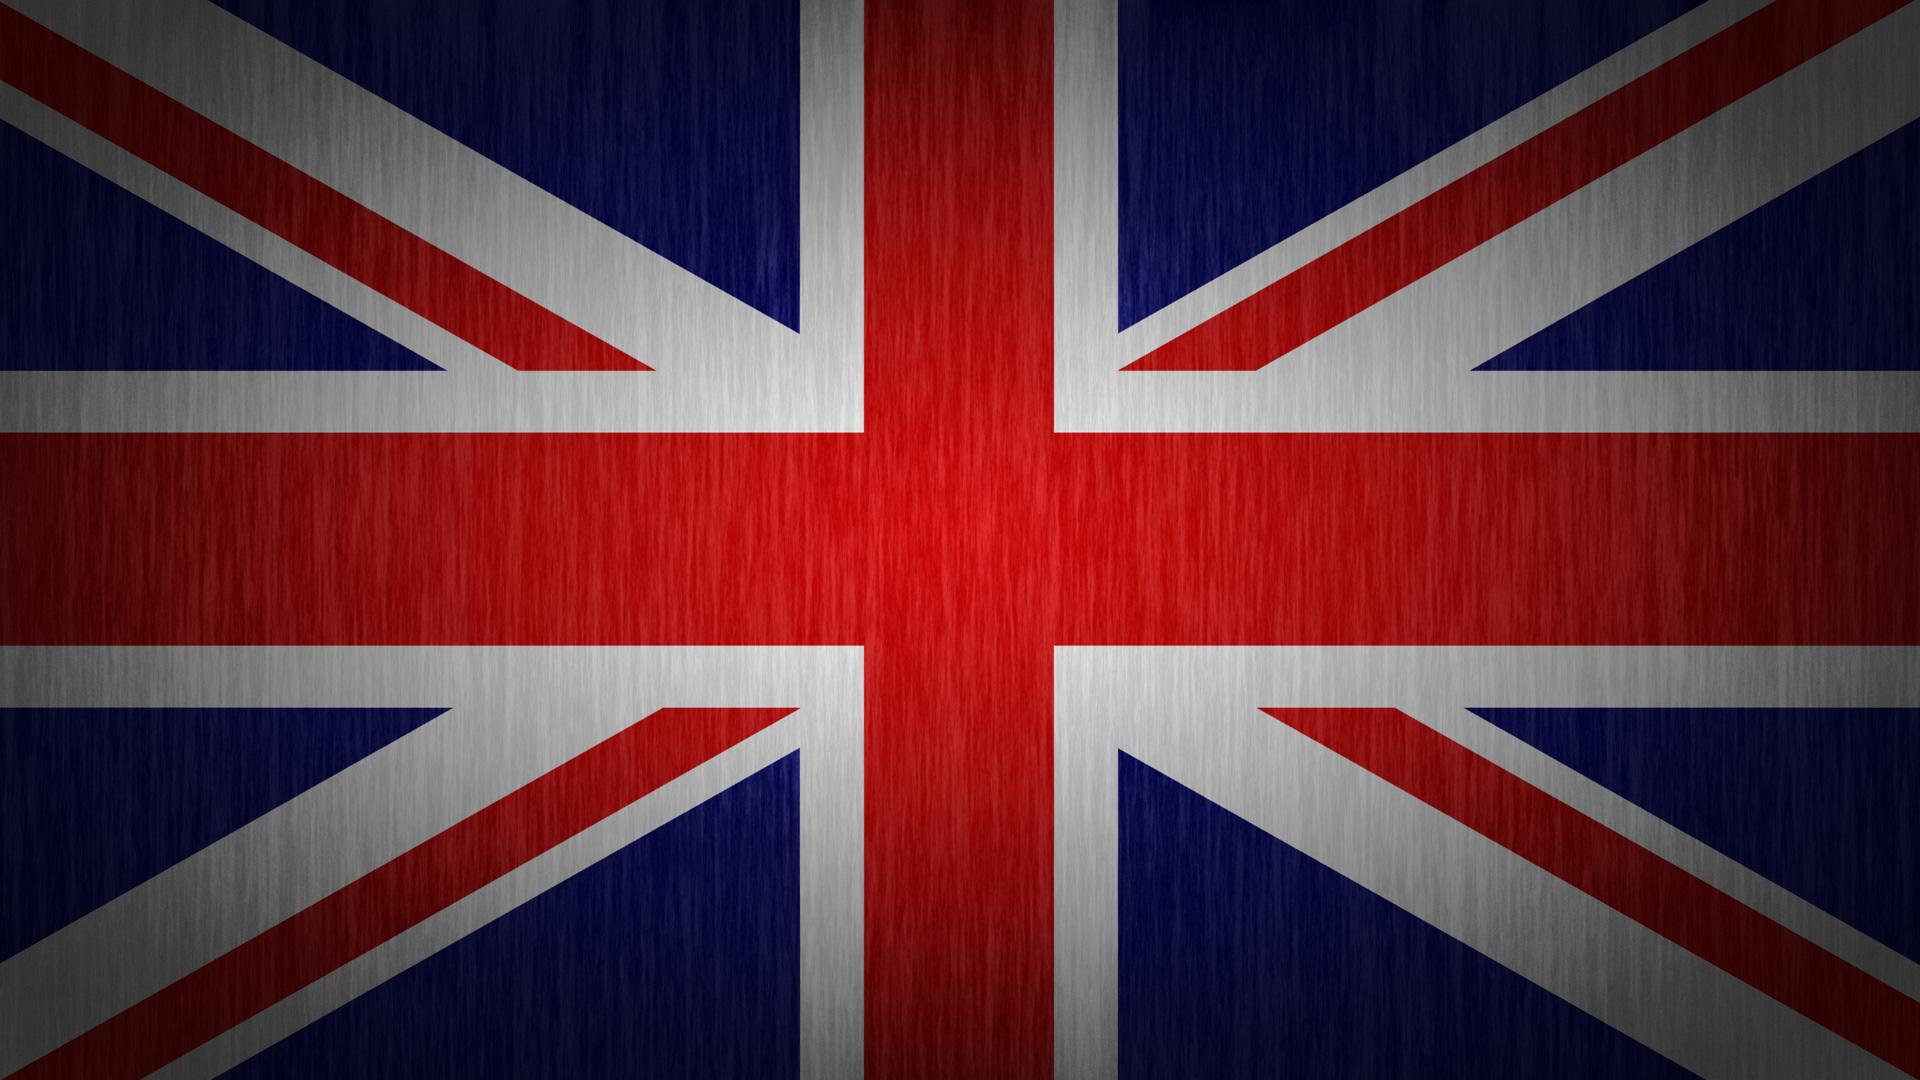 British United Kingdom Flag HD Wallpaper HD Wallpaper of 1920x1080